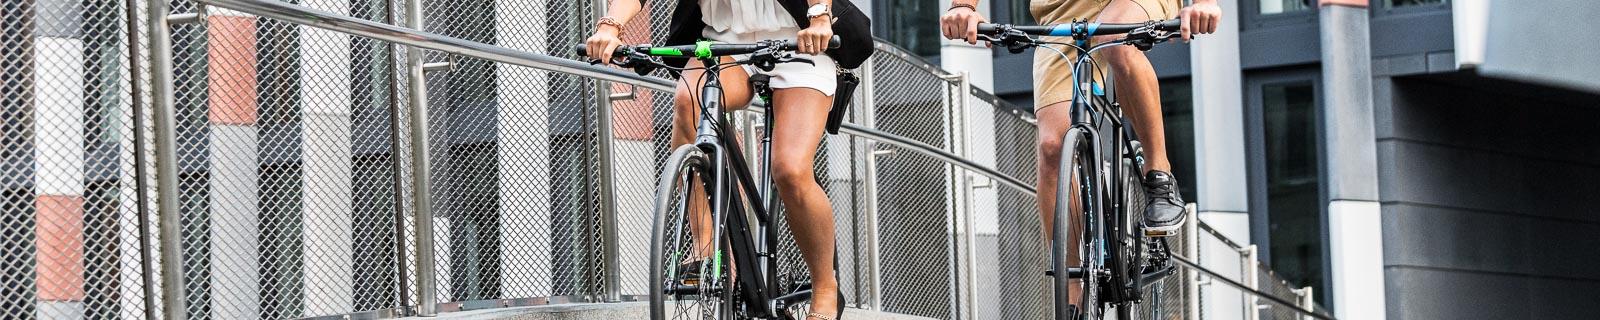 Fitnessräder und Fitnessbikes